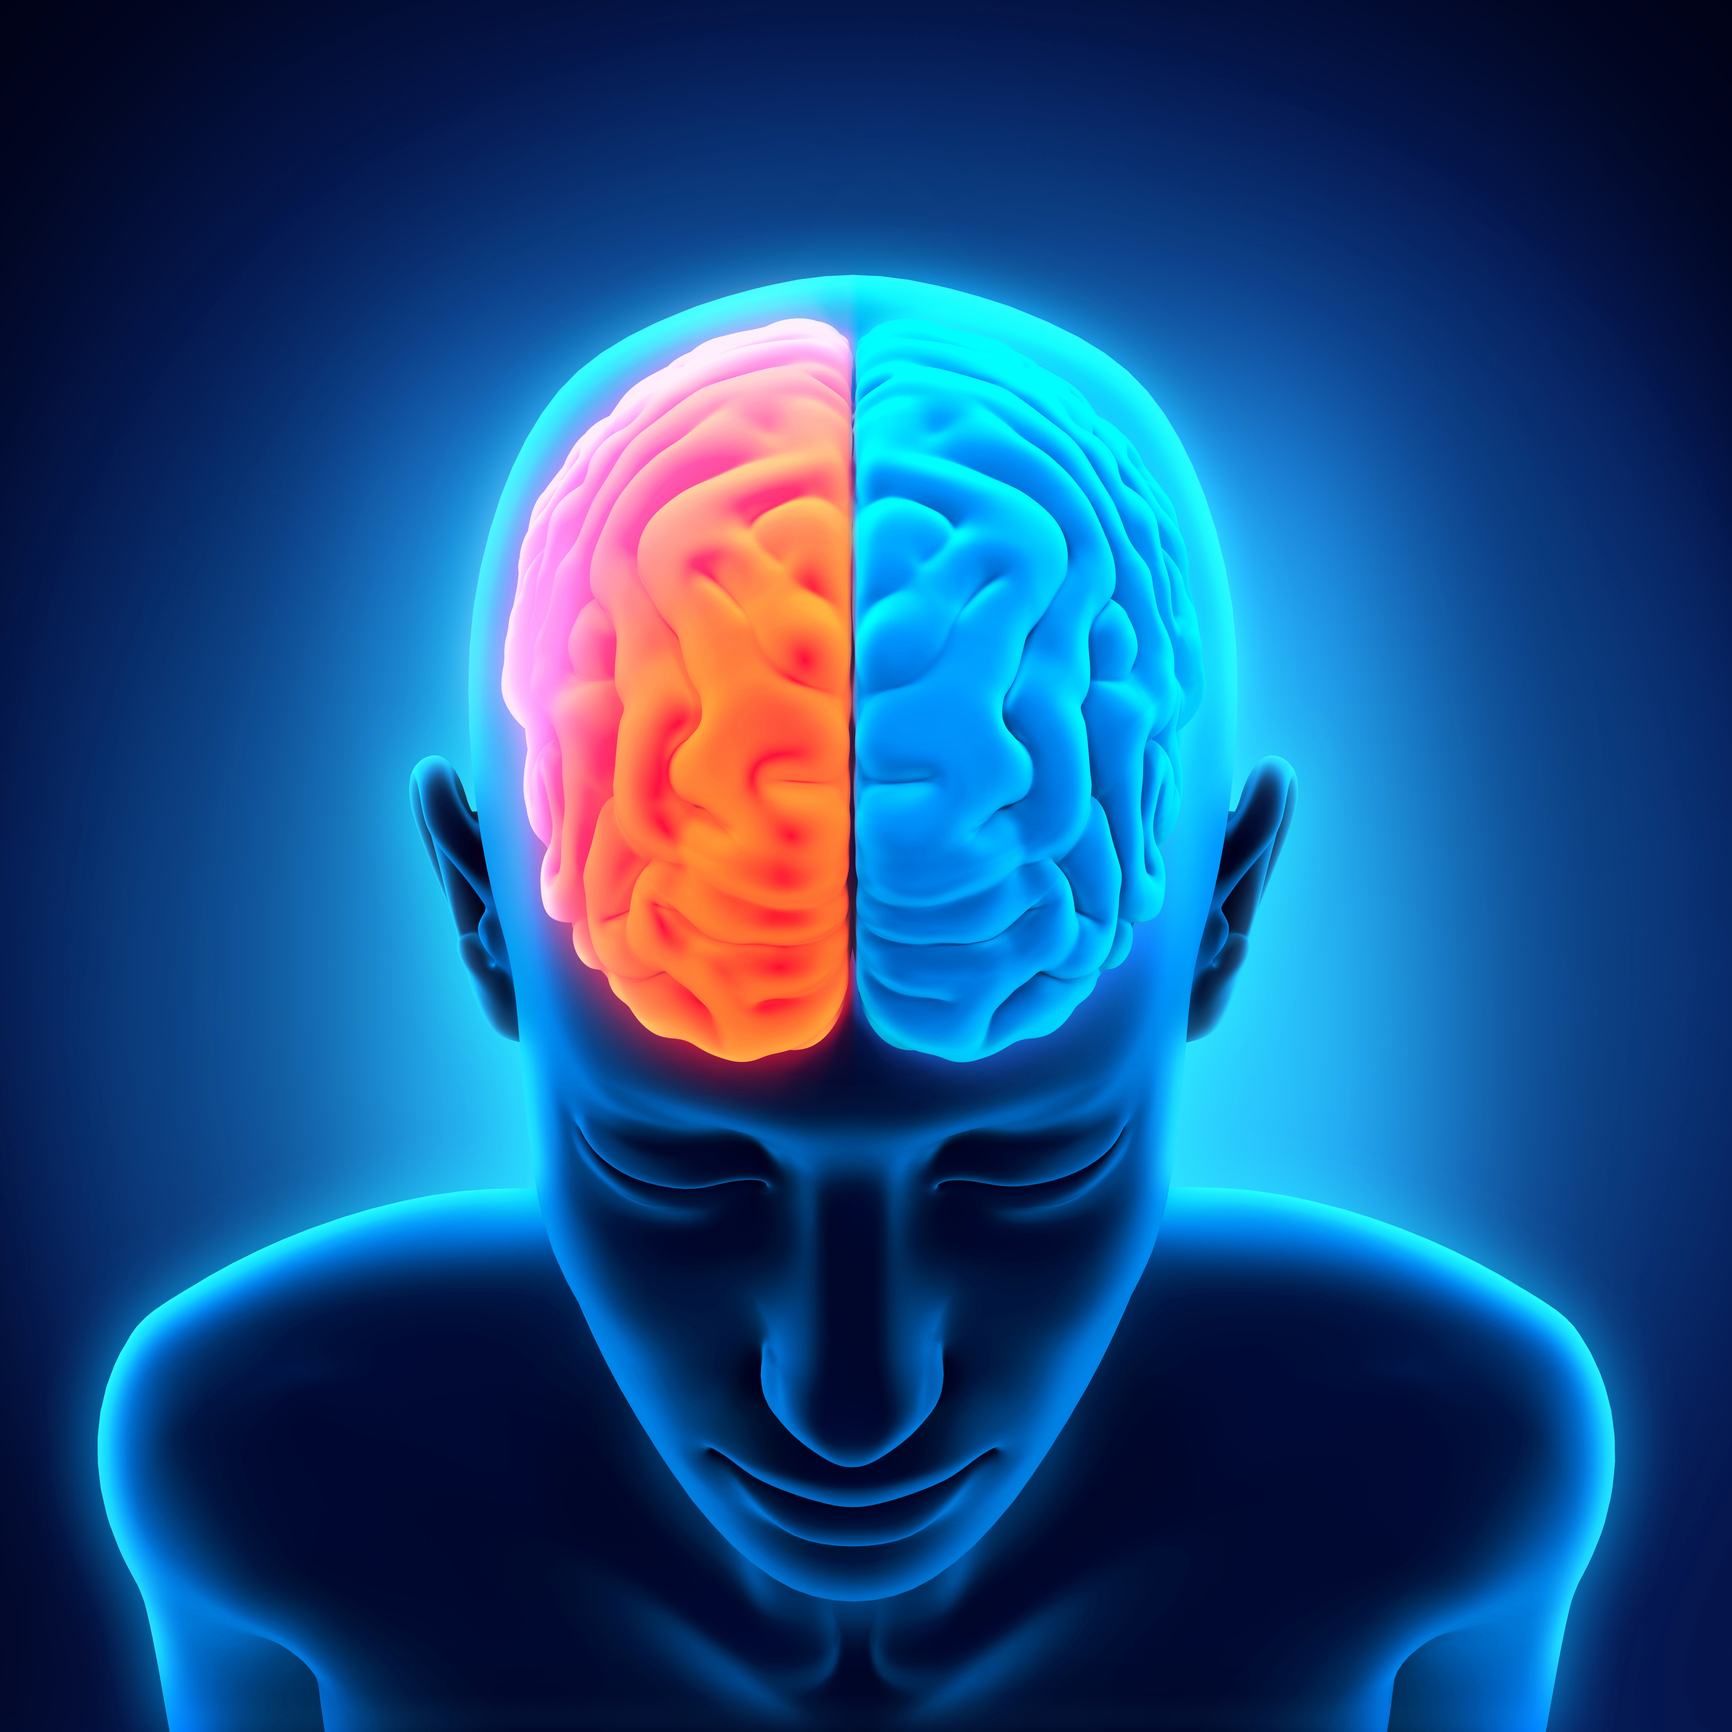 POMALO ZASTRAŠUJUĆI REZULTATI ISTRAŽIVANJA: Otkrili kako virus ulazi u mozak; Zbog toga se javljaju glavobolje, gubitak mirisa, okusa…